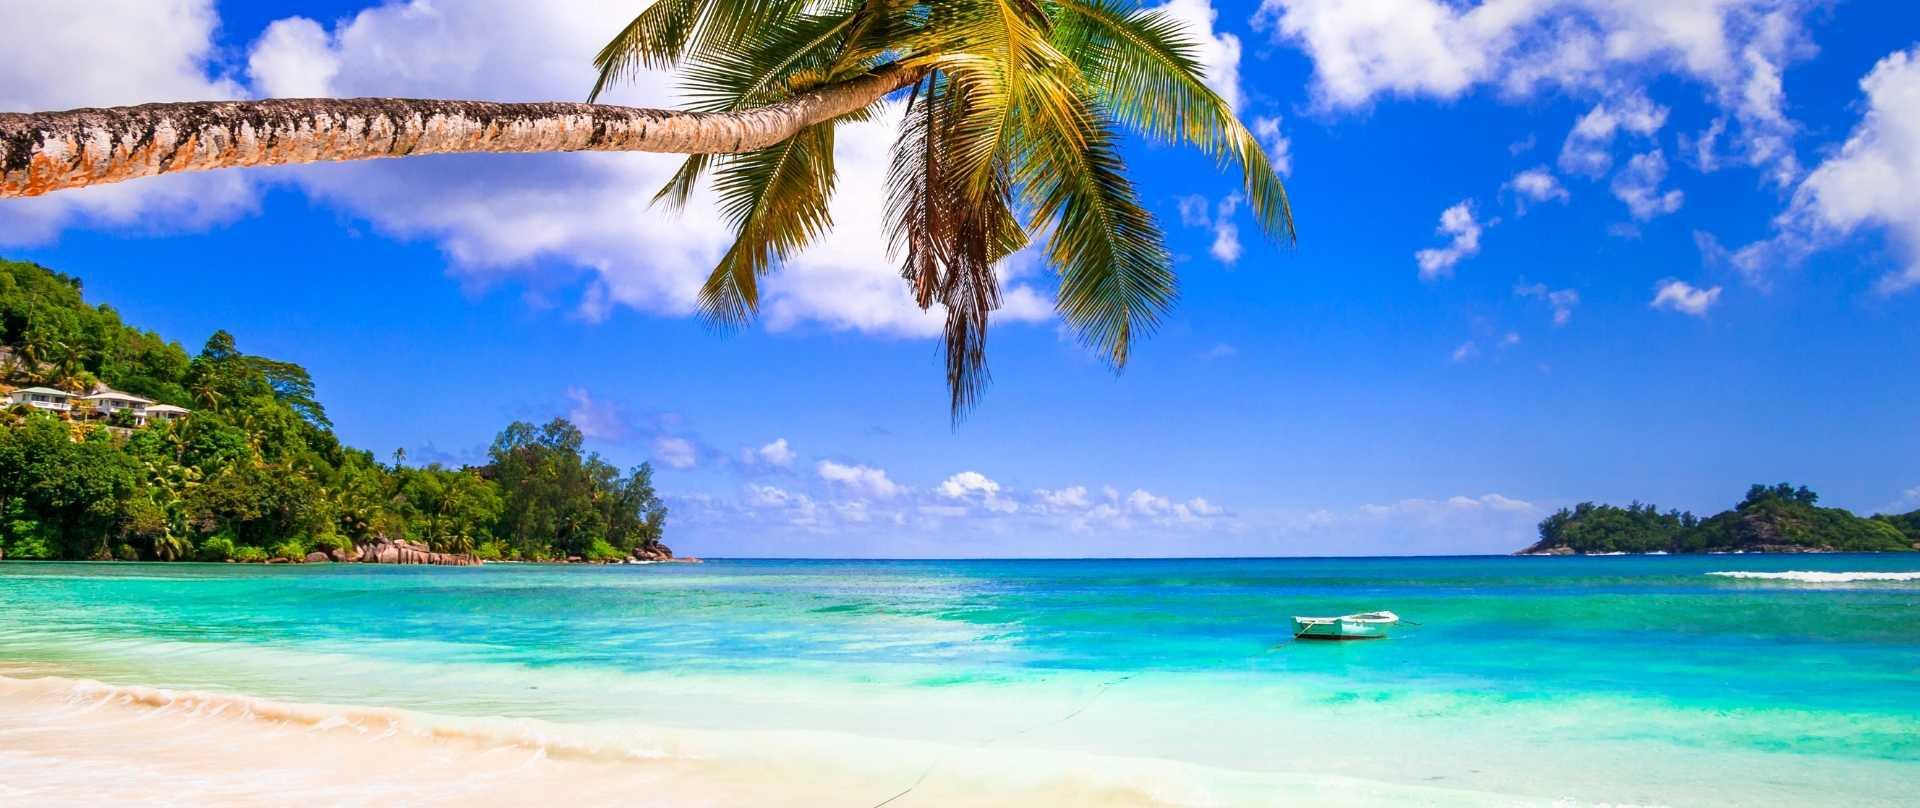 Starnd auf Mauritius Fernreise Paradis